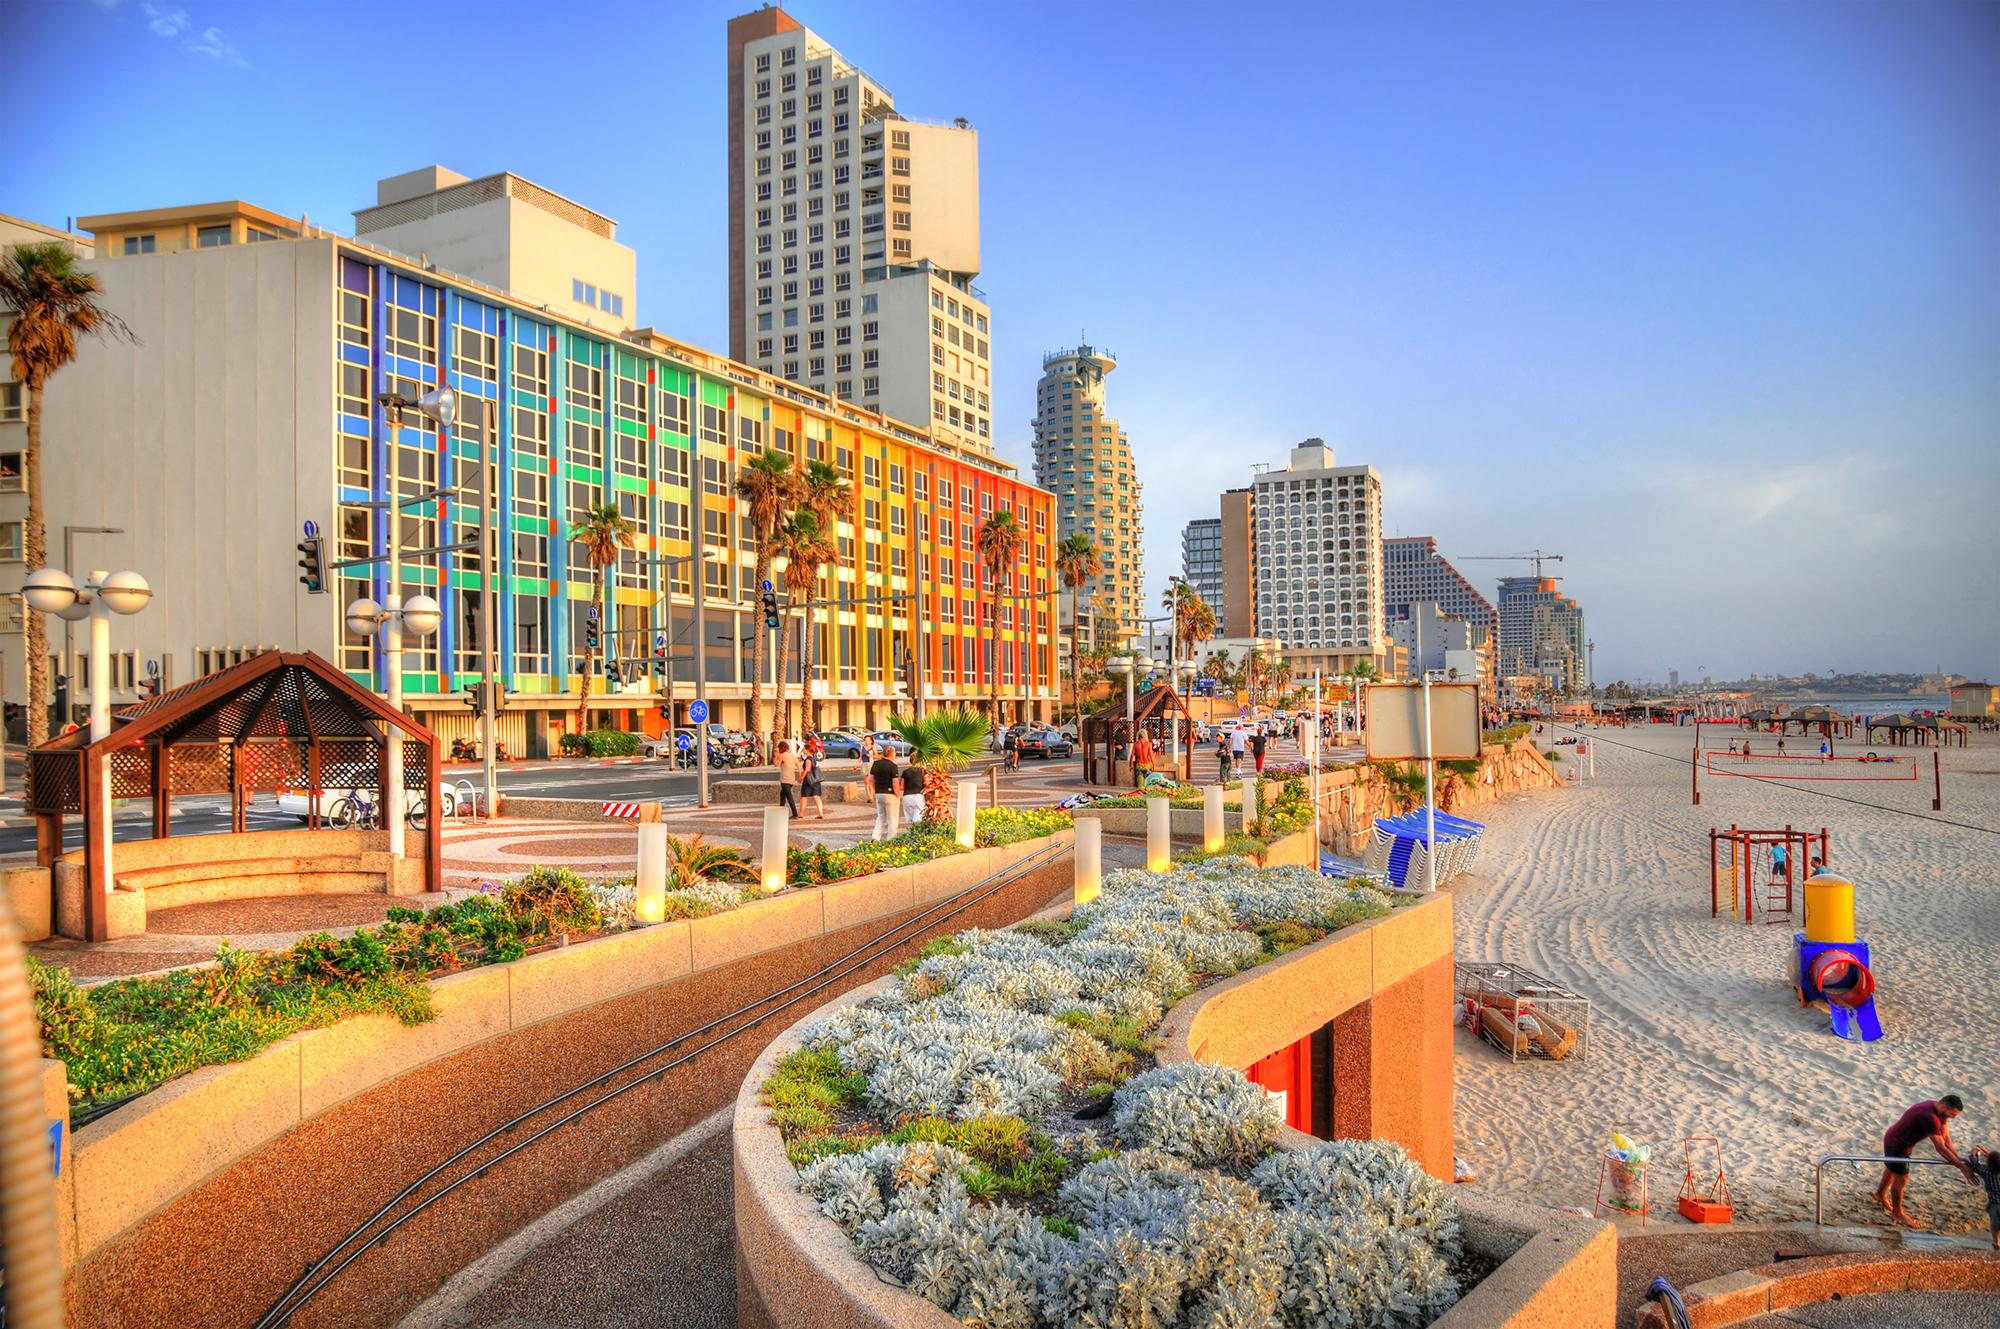 Tel Aviv Israel_415012924